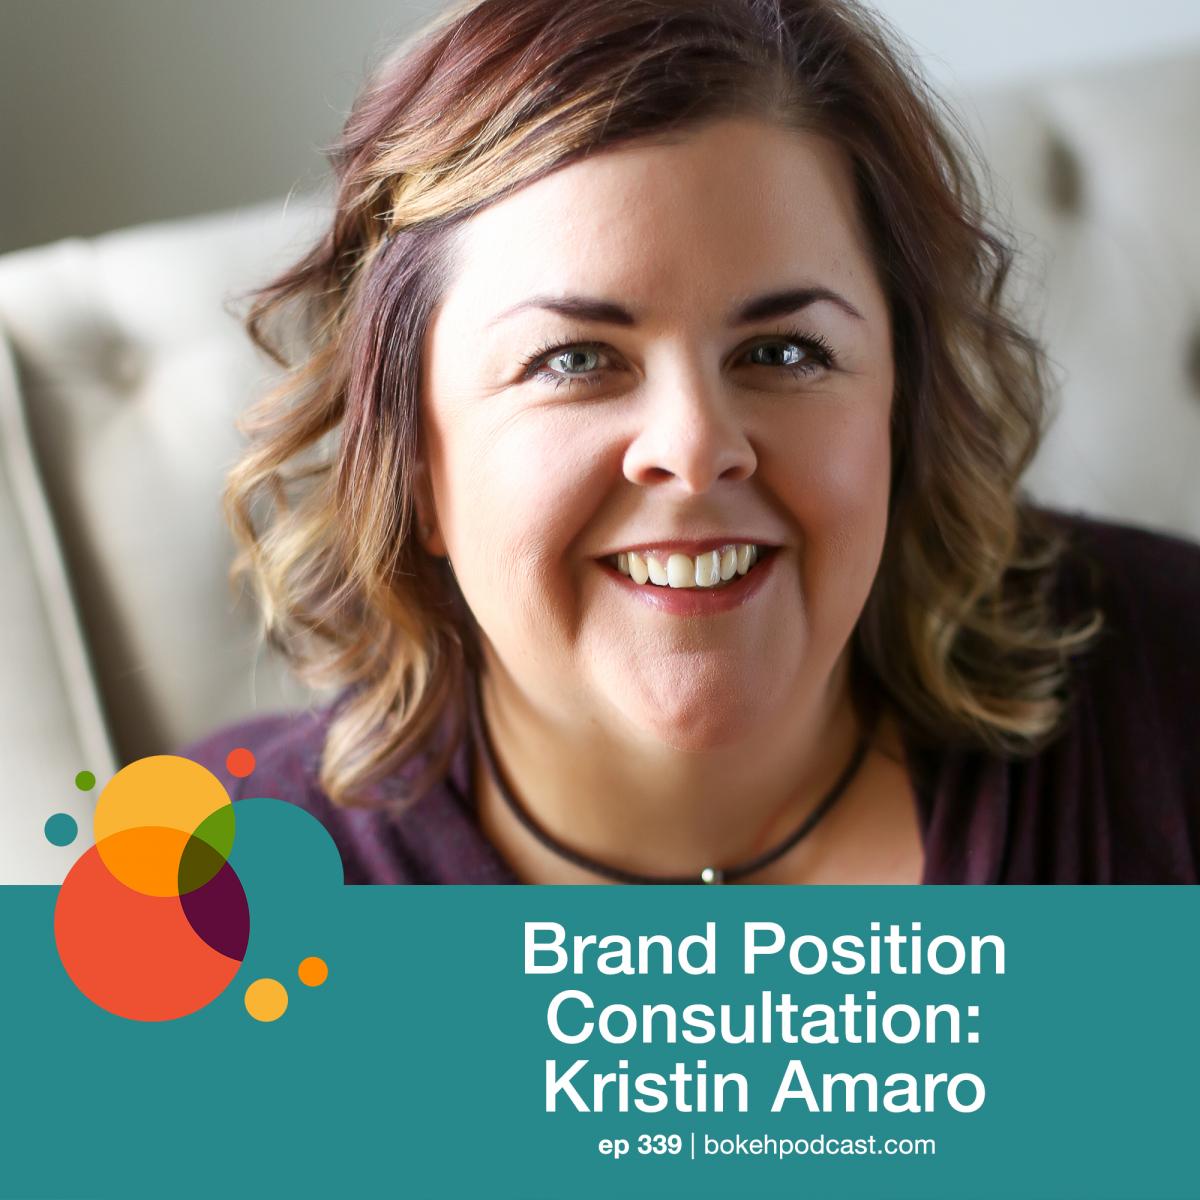 Kristin Amaro on the Bokeh Podcast